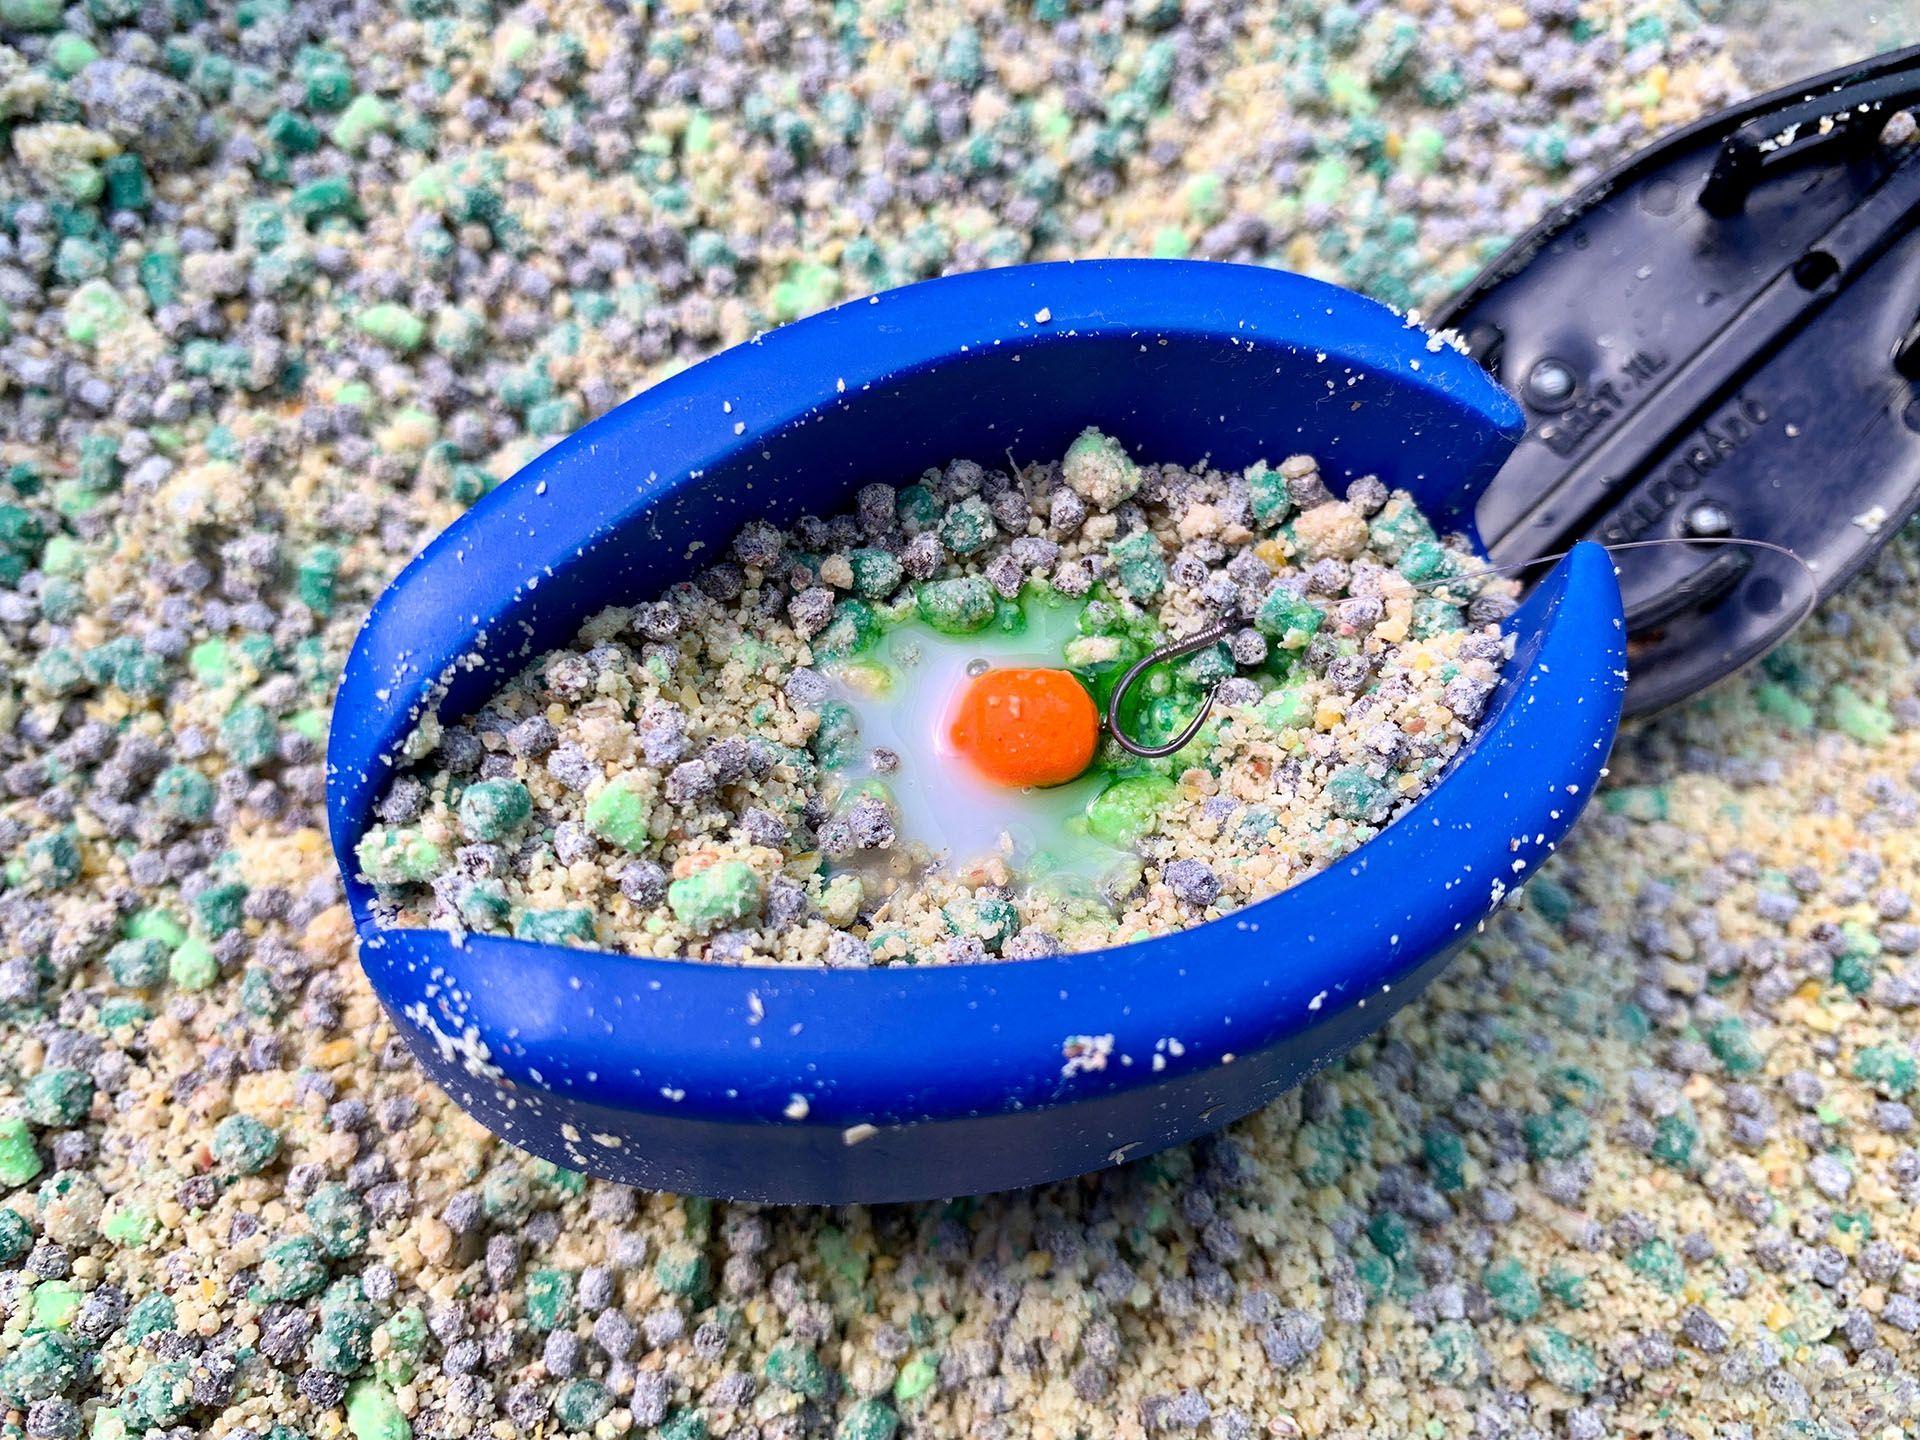 A fokhagyma régóta kedvelt ízesítője a pontyos etetőanyagoknak, nem véletlenül!